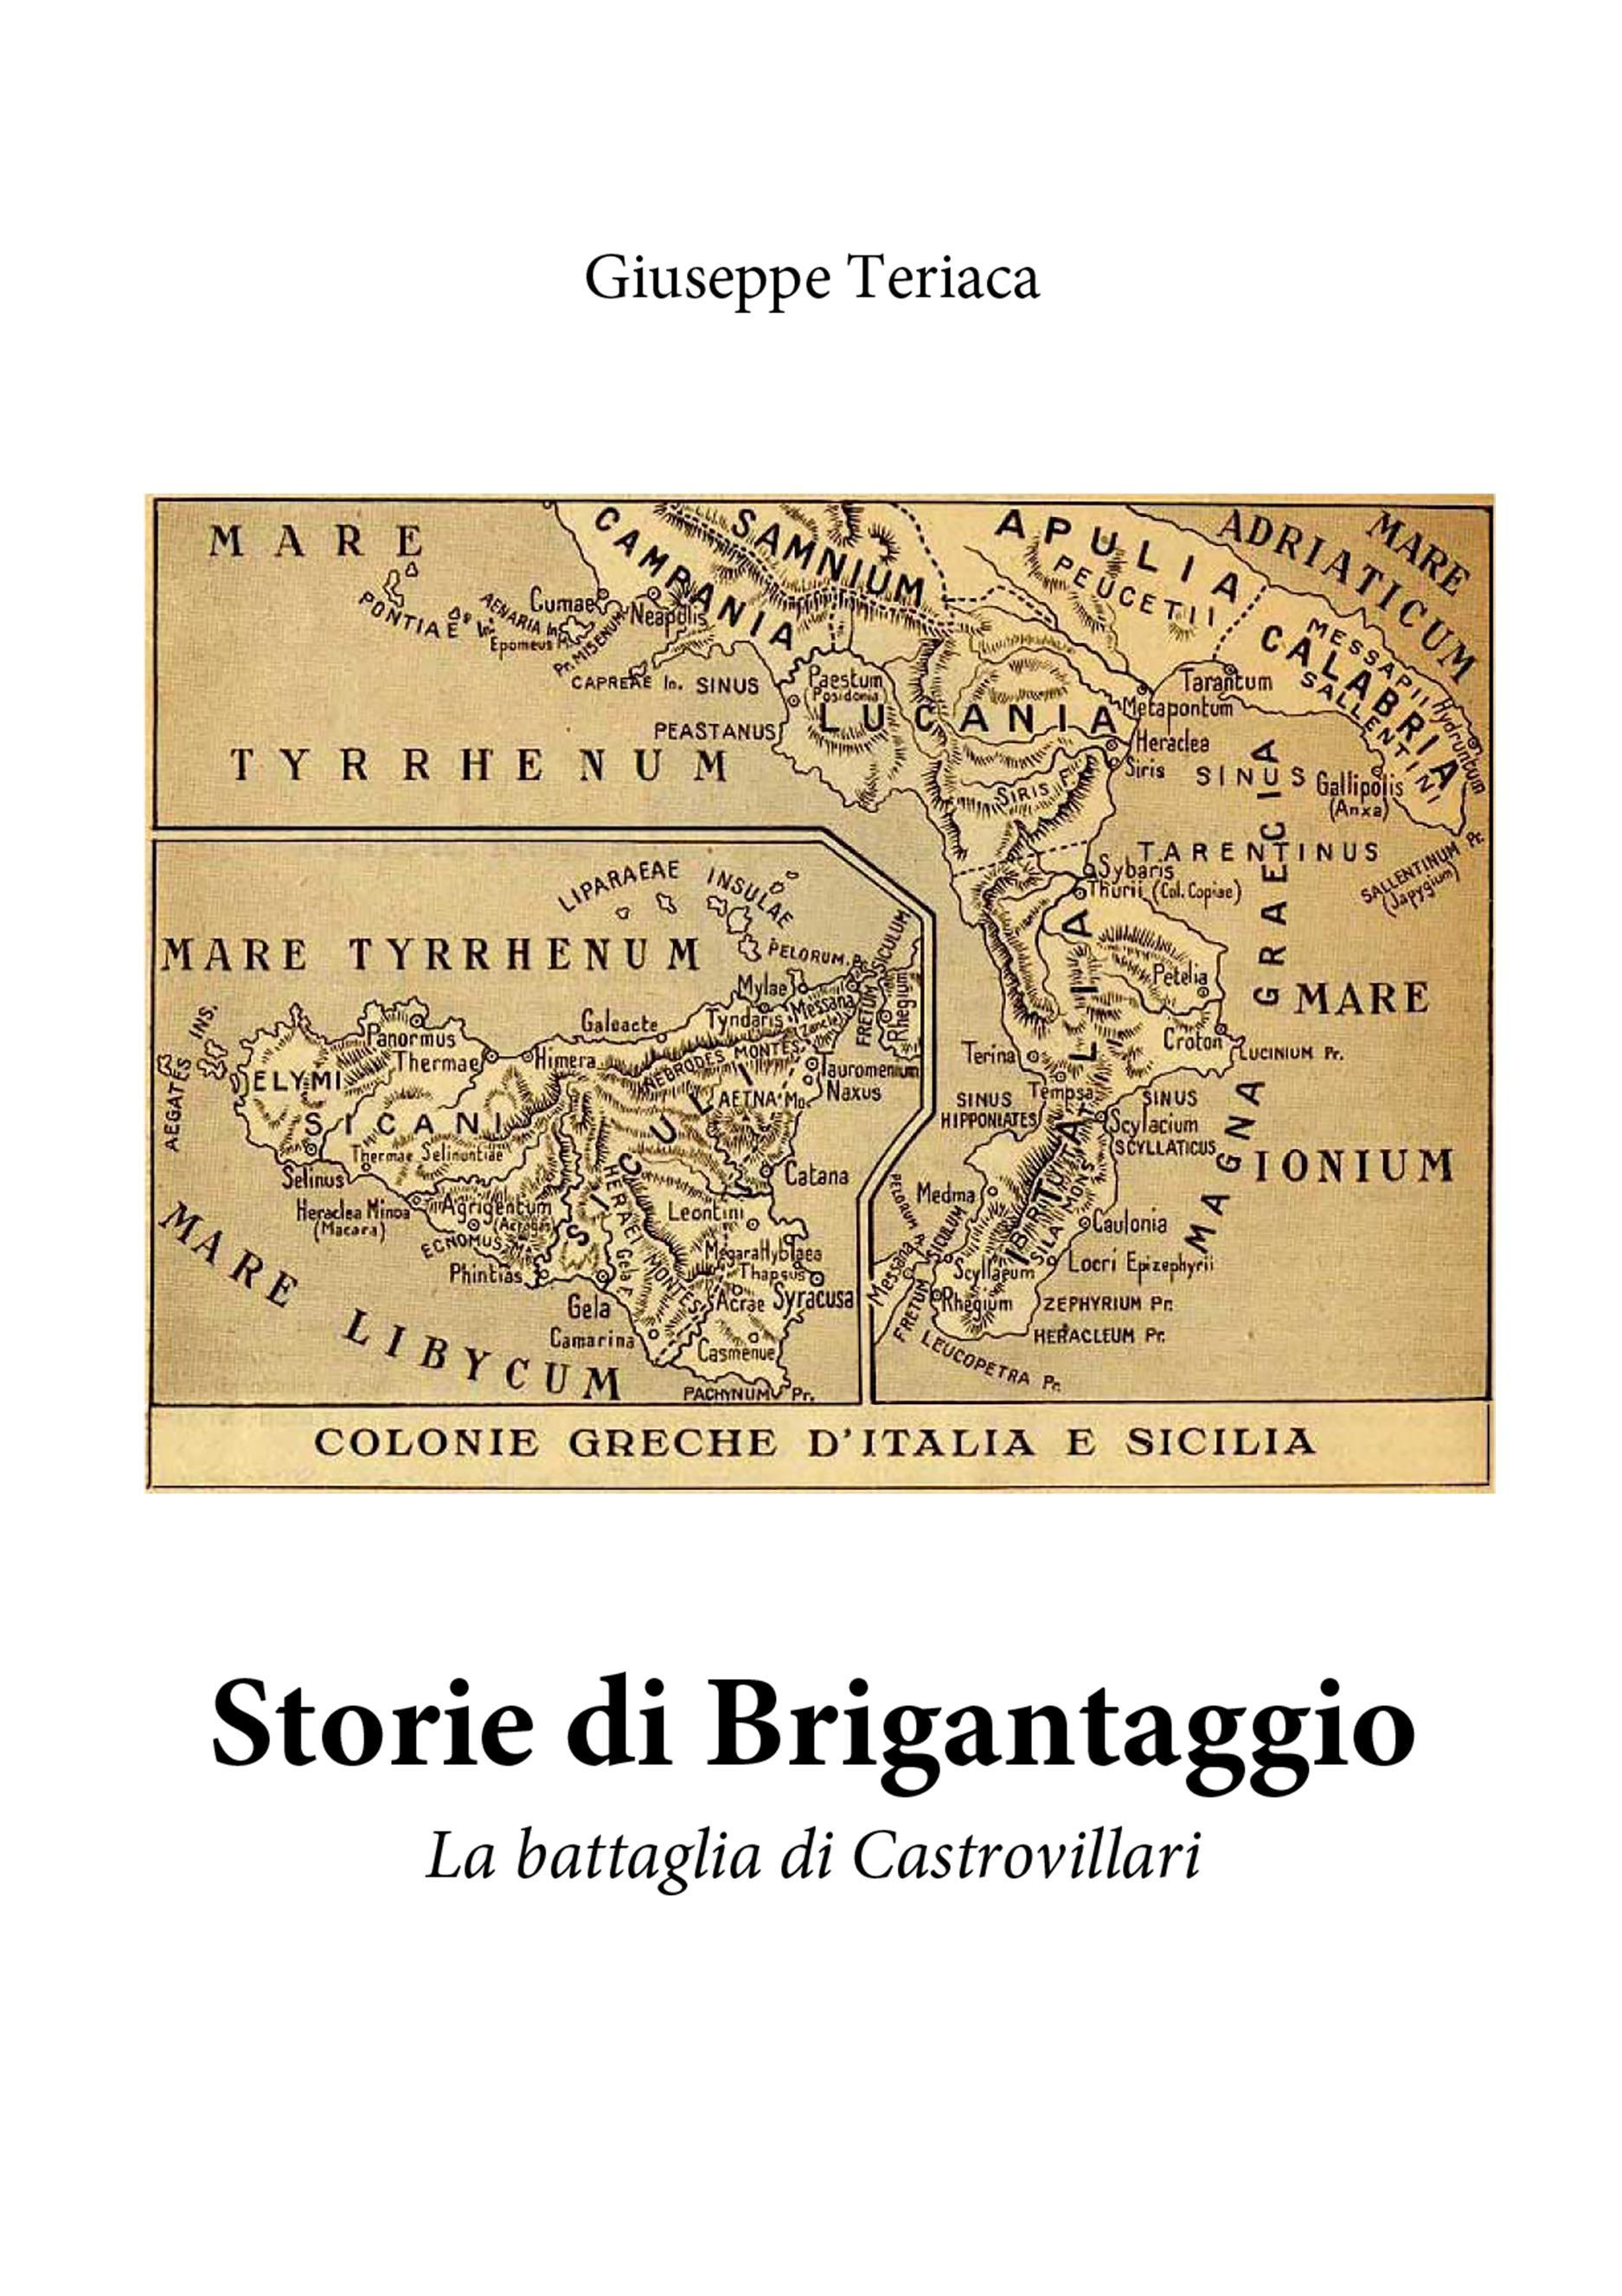 Storie di brigantaggio. La battaglia di Castrovillari